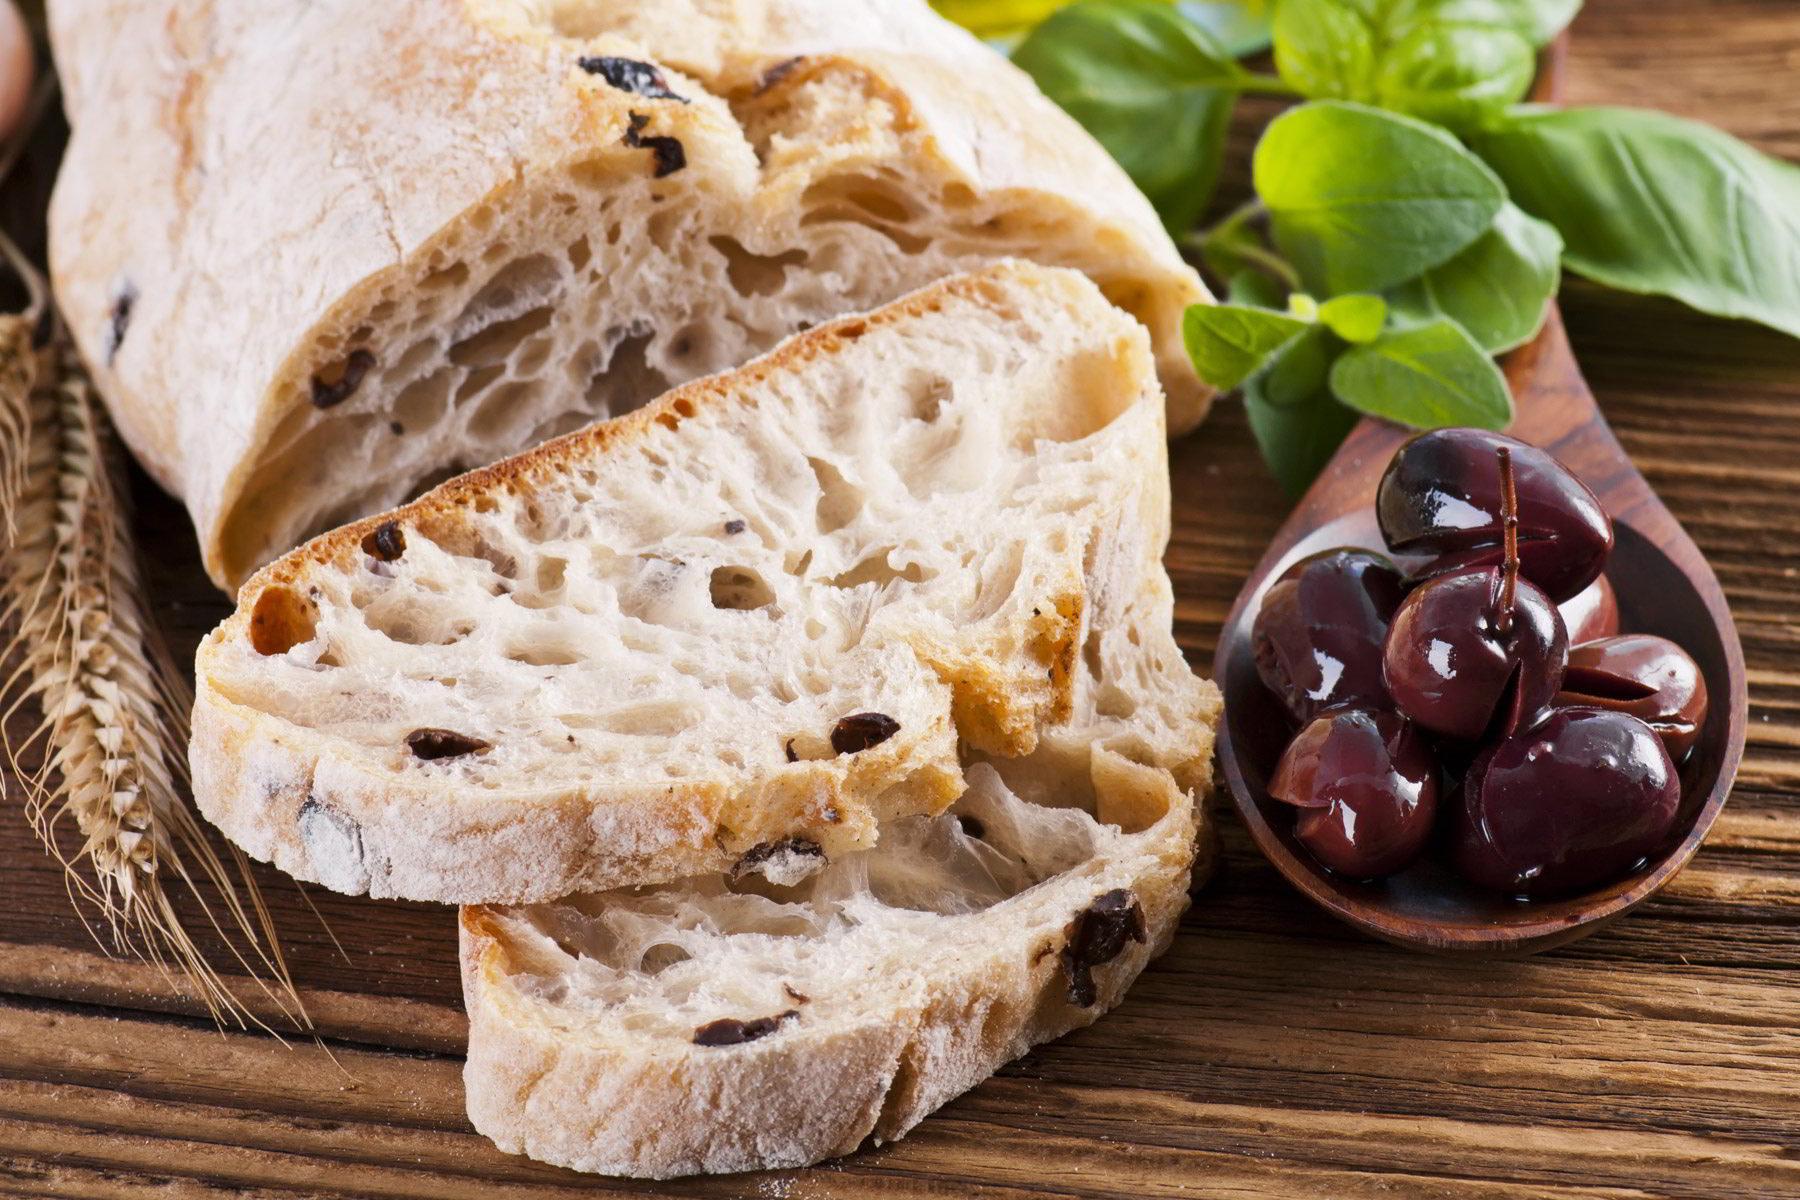 σαρακοστή-νηστεία-διατροφή-ψωμί-ελιες